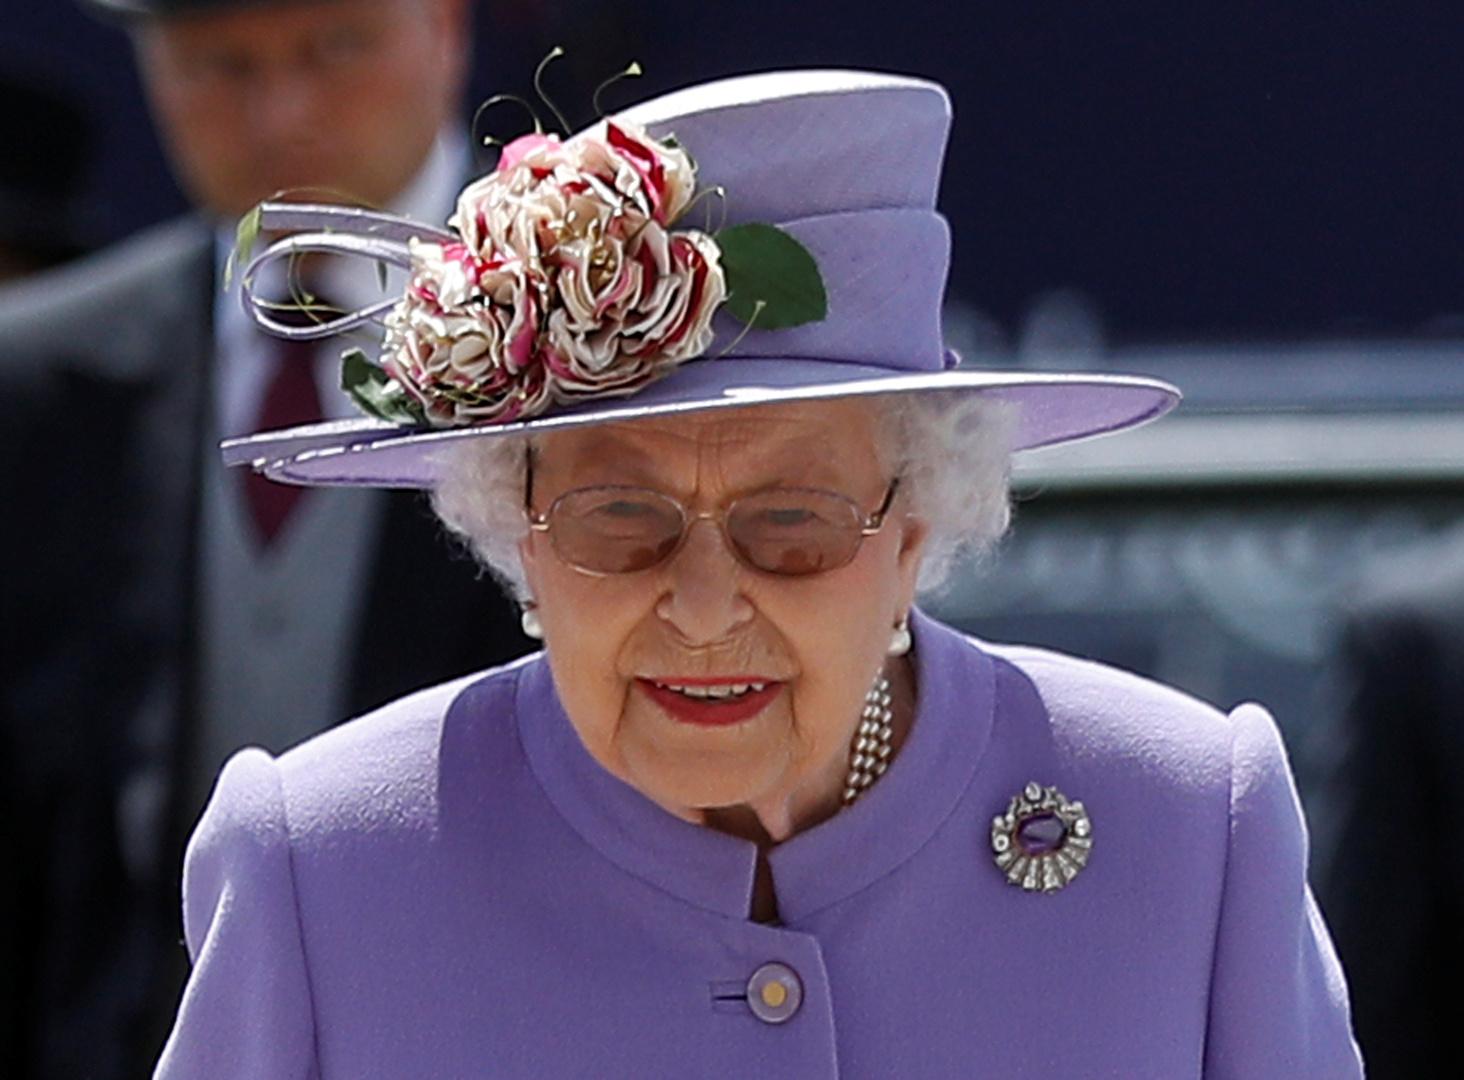 الملكة إليزابيث الثانية توقع على مشروع القانون حول انسحاب بريطانيا من الاتحاد الأوروبي